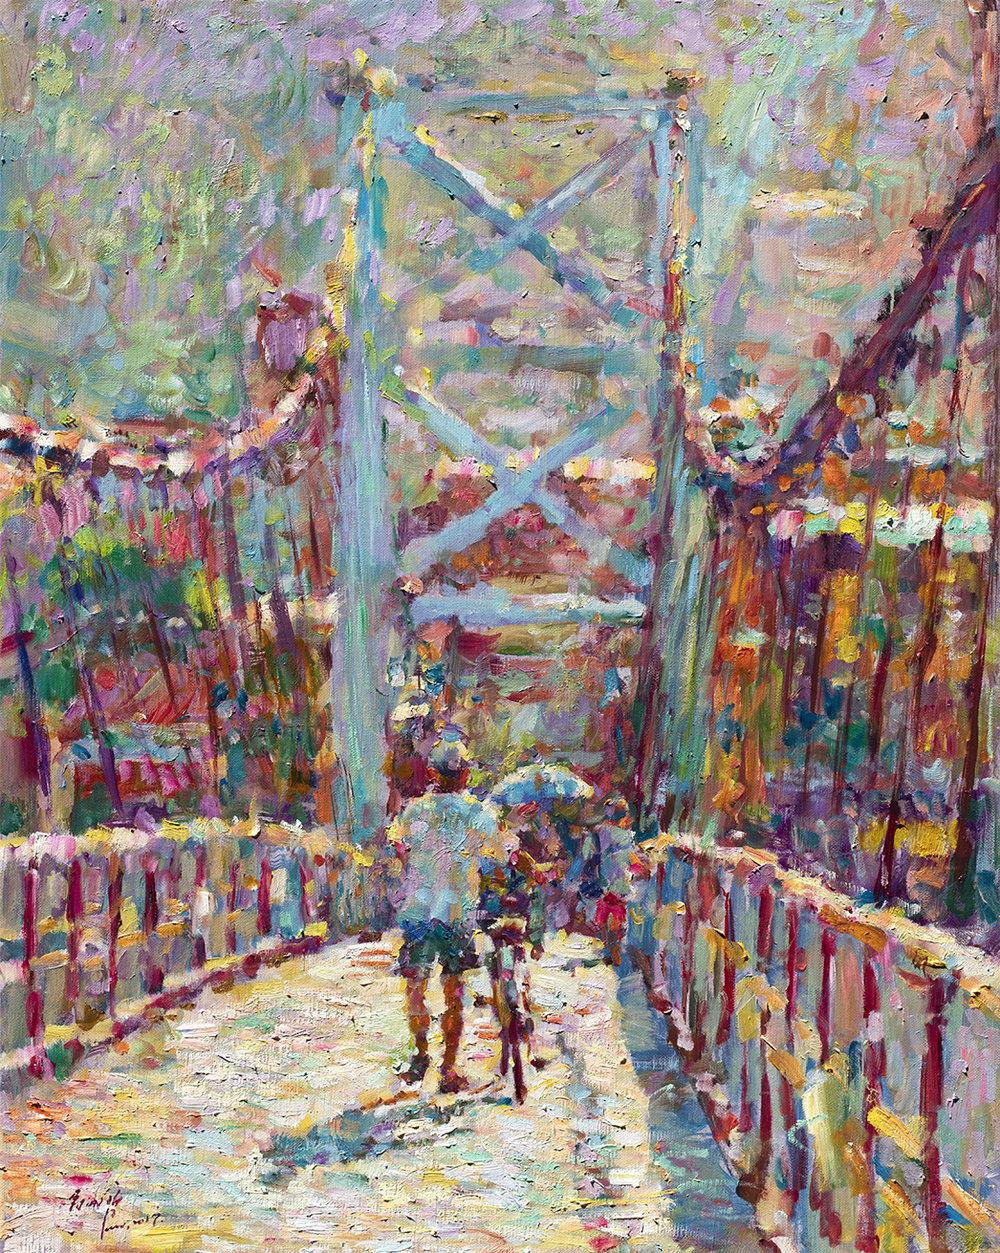 翁明哲 碧潭吊橋 91x72.5 cm 油彩畫布 2017